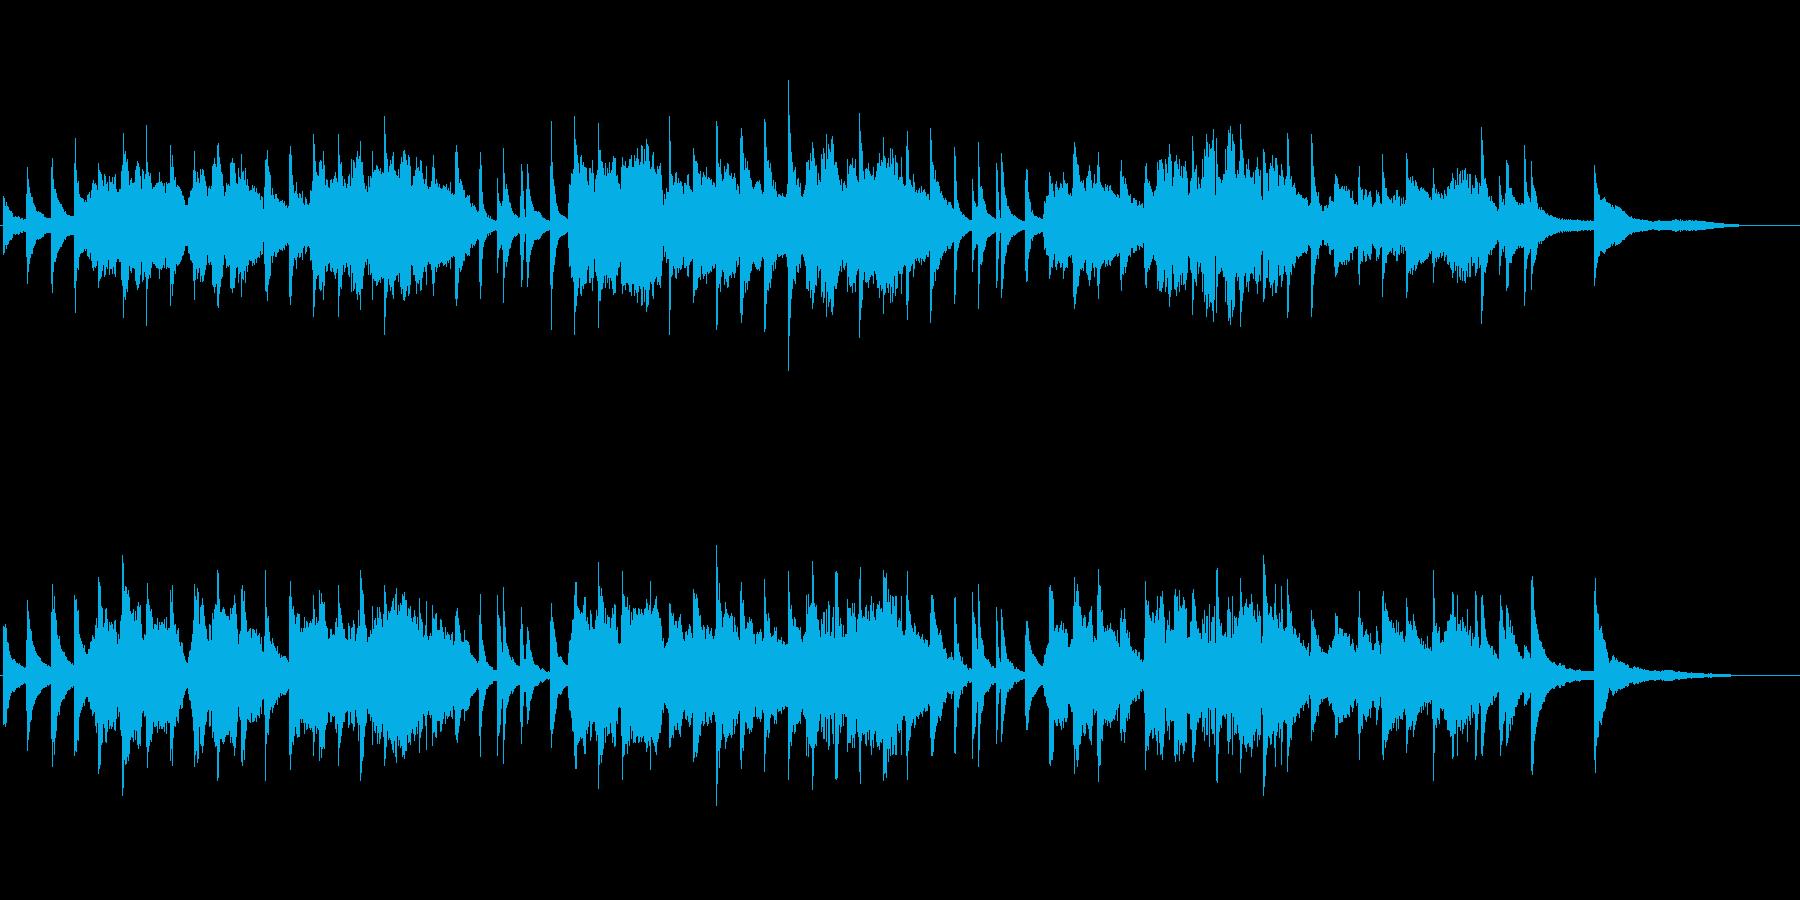 切なさ溢れるメロディ フォーレ作曲 秘密の再生済みの波形